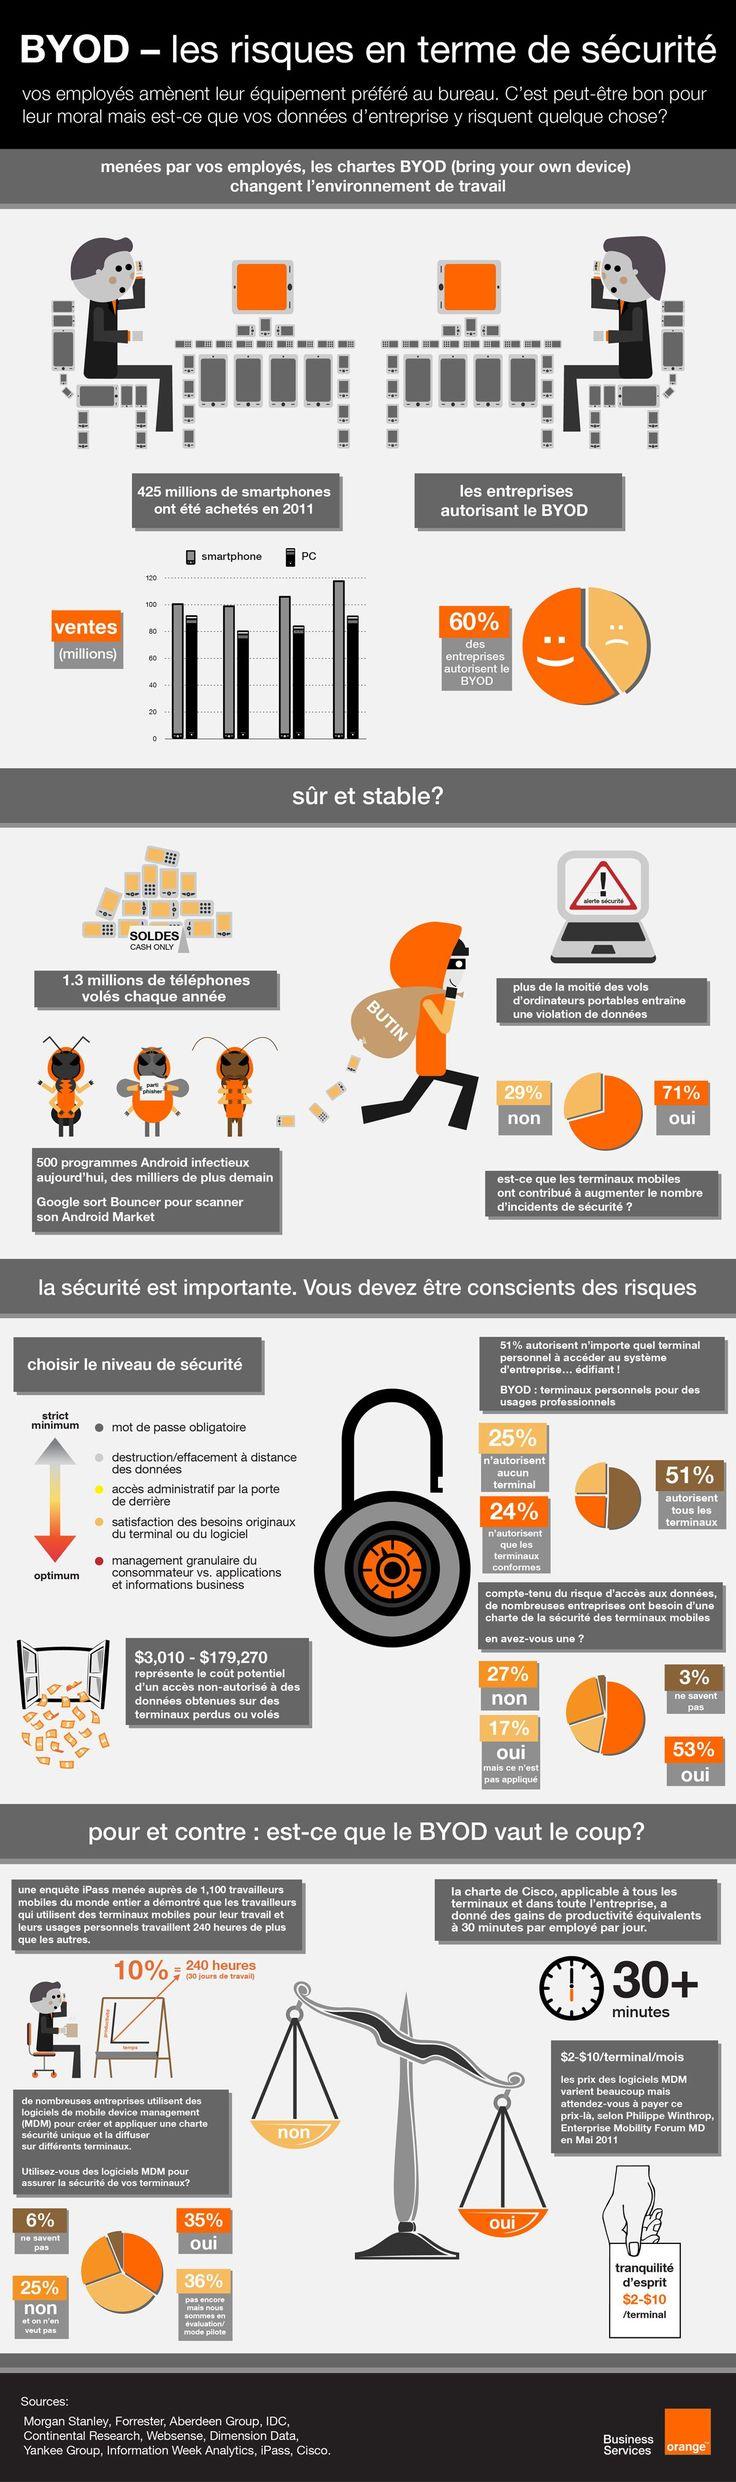 BYOD opportunités ou risques pour les entreprises